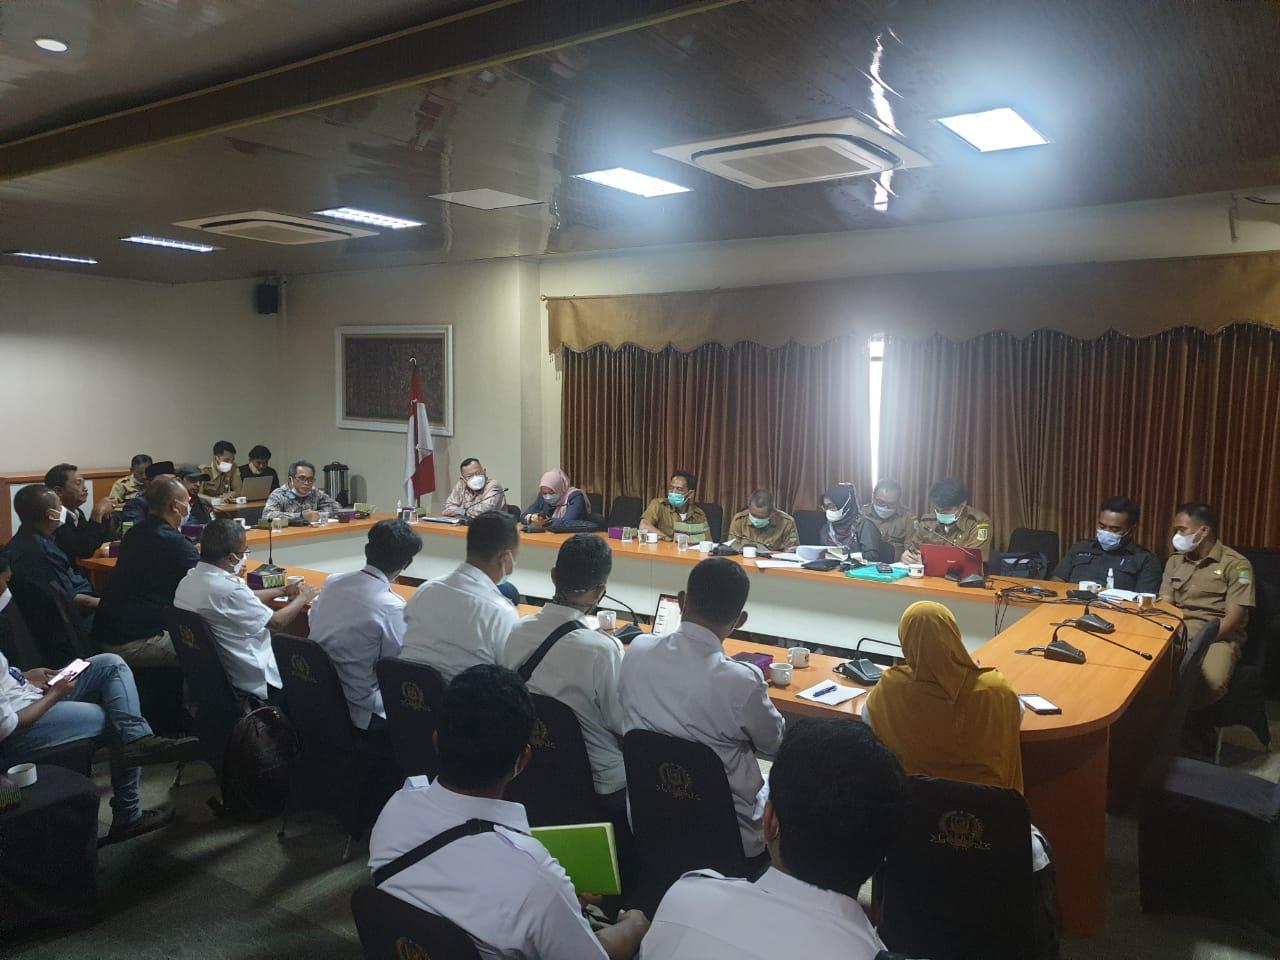 Kritik Banyak Bangli di Bantaran Kali, Komisi III : Kok Aneh, PJT II Tidak Bisa Membongkar